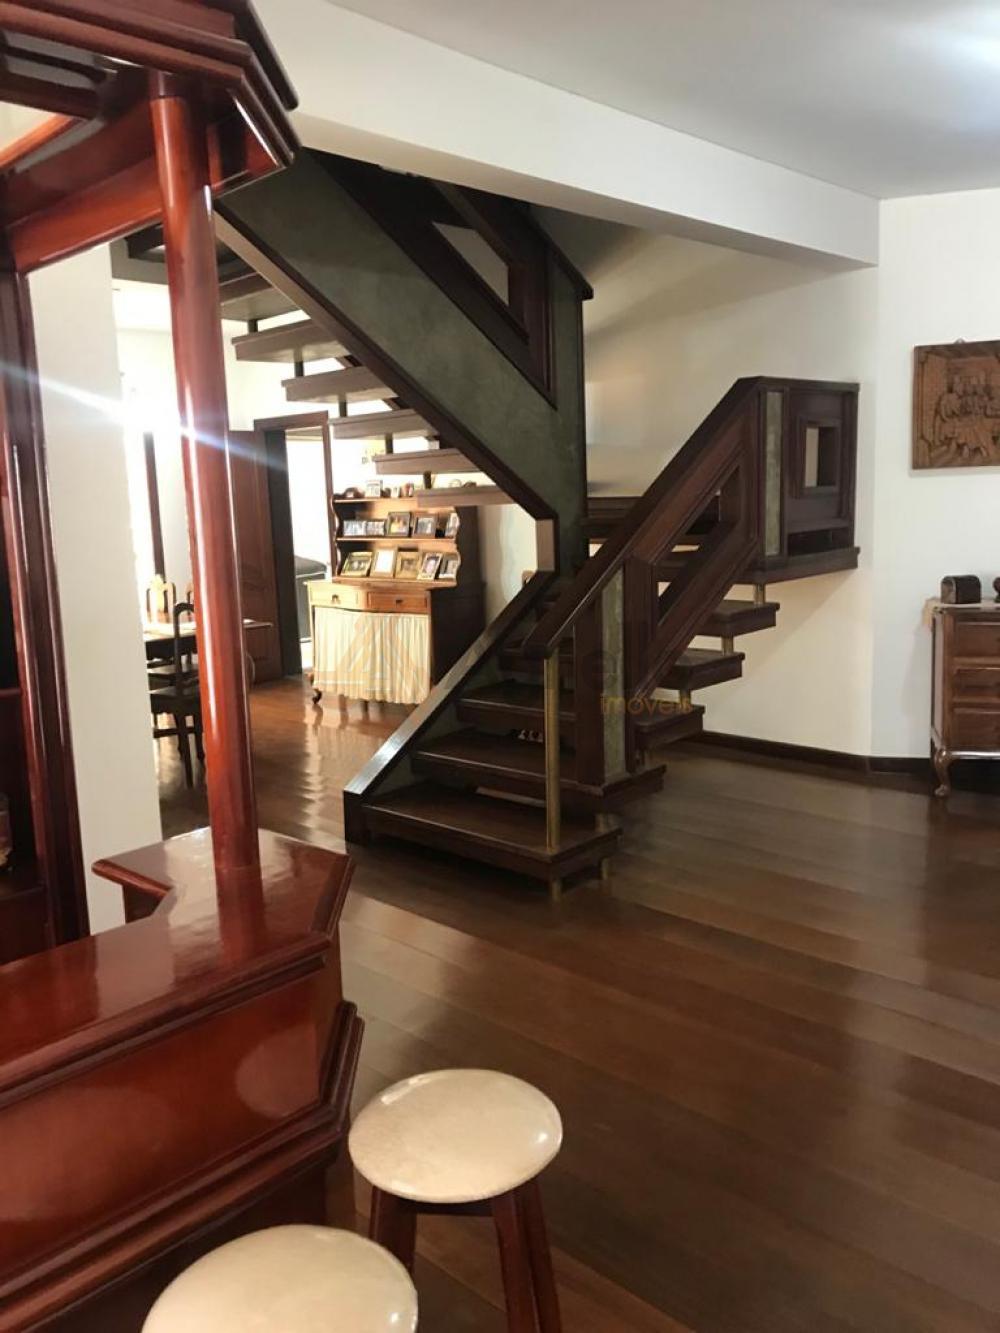 Comprar Casa / Padrão em Franca apenas R$ 1.400.000,00 - Foto 4